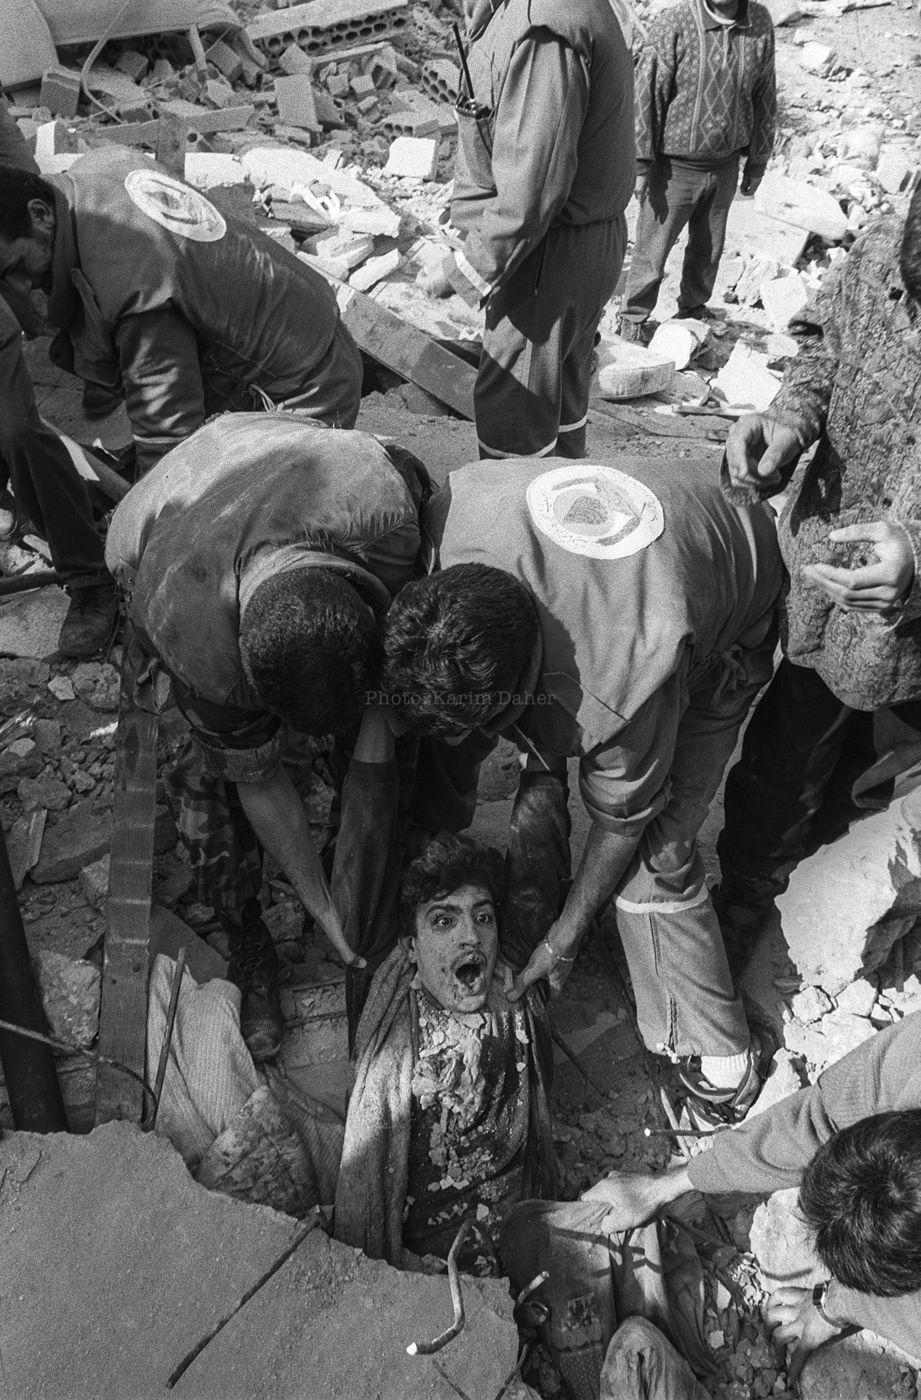 Liban, 18 avril 1996. Un jeune homme est sorti des décombres de son abri où la majorité de sa famille a été tuée par un bombardement aérien israélien.